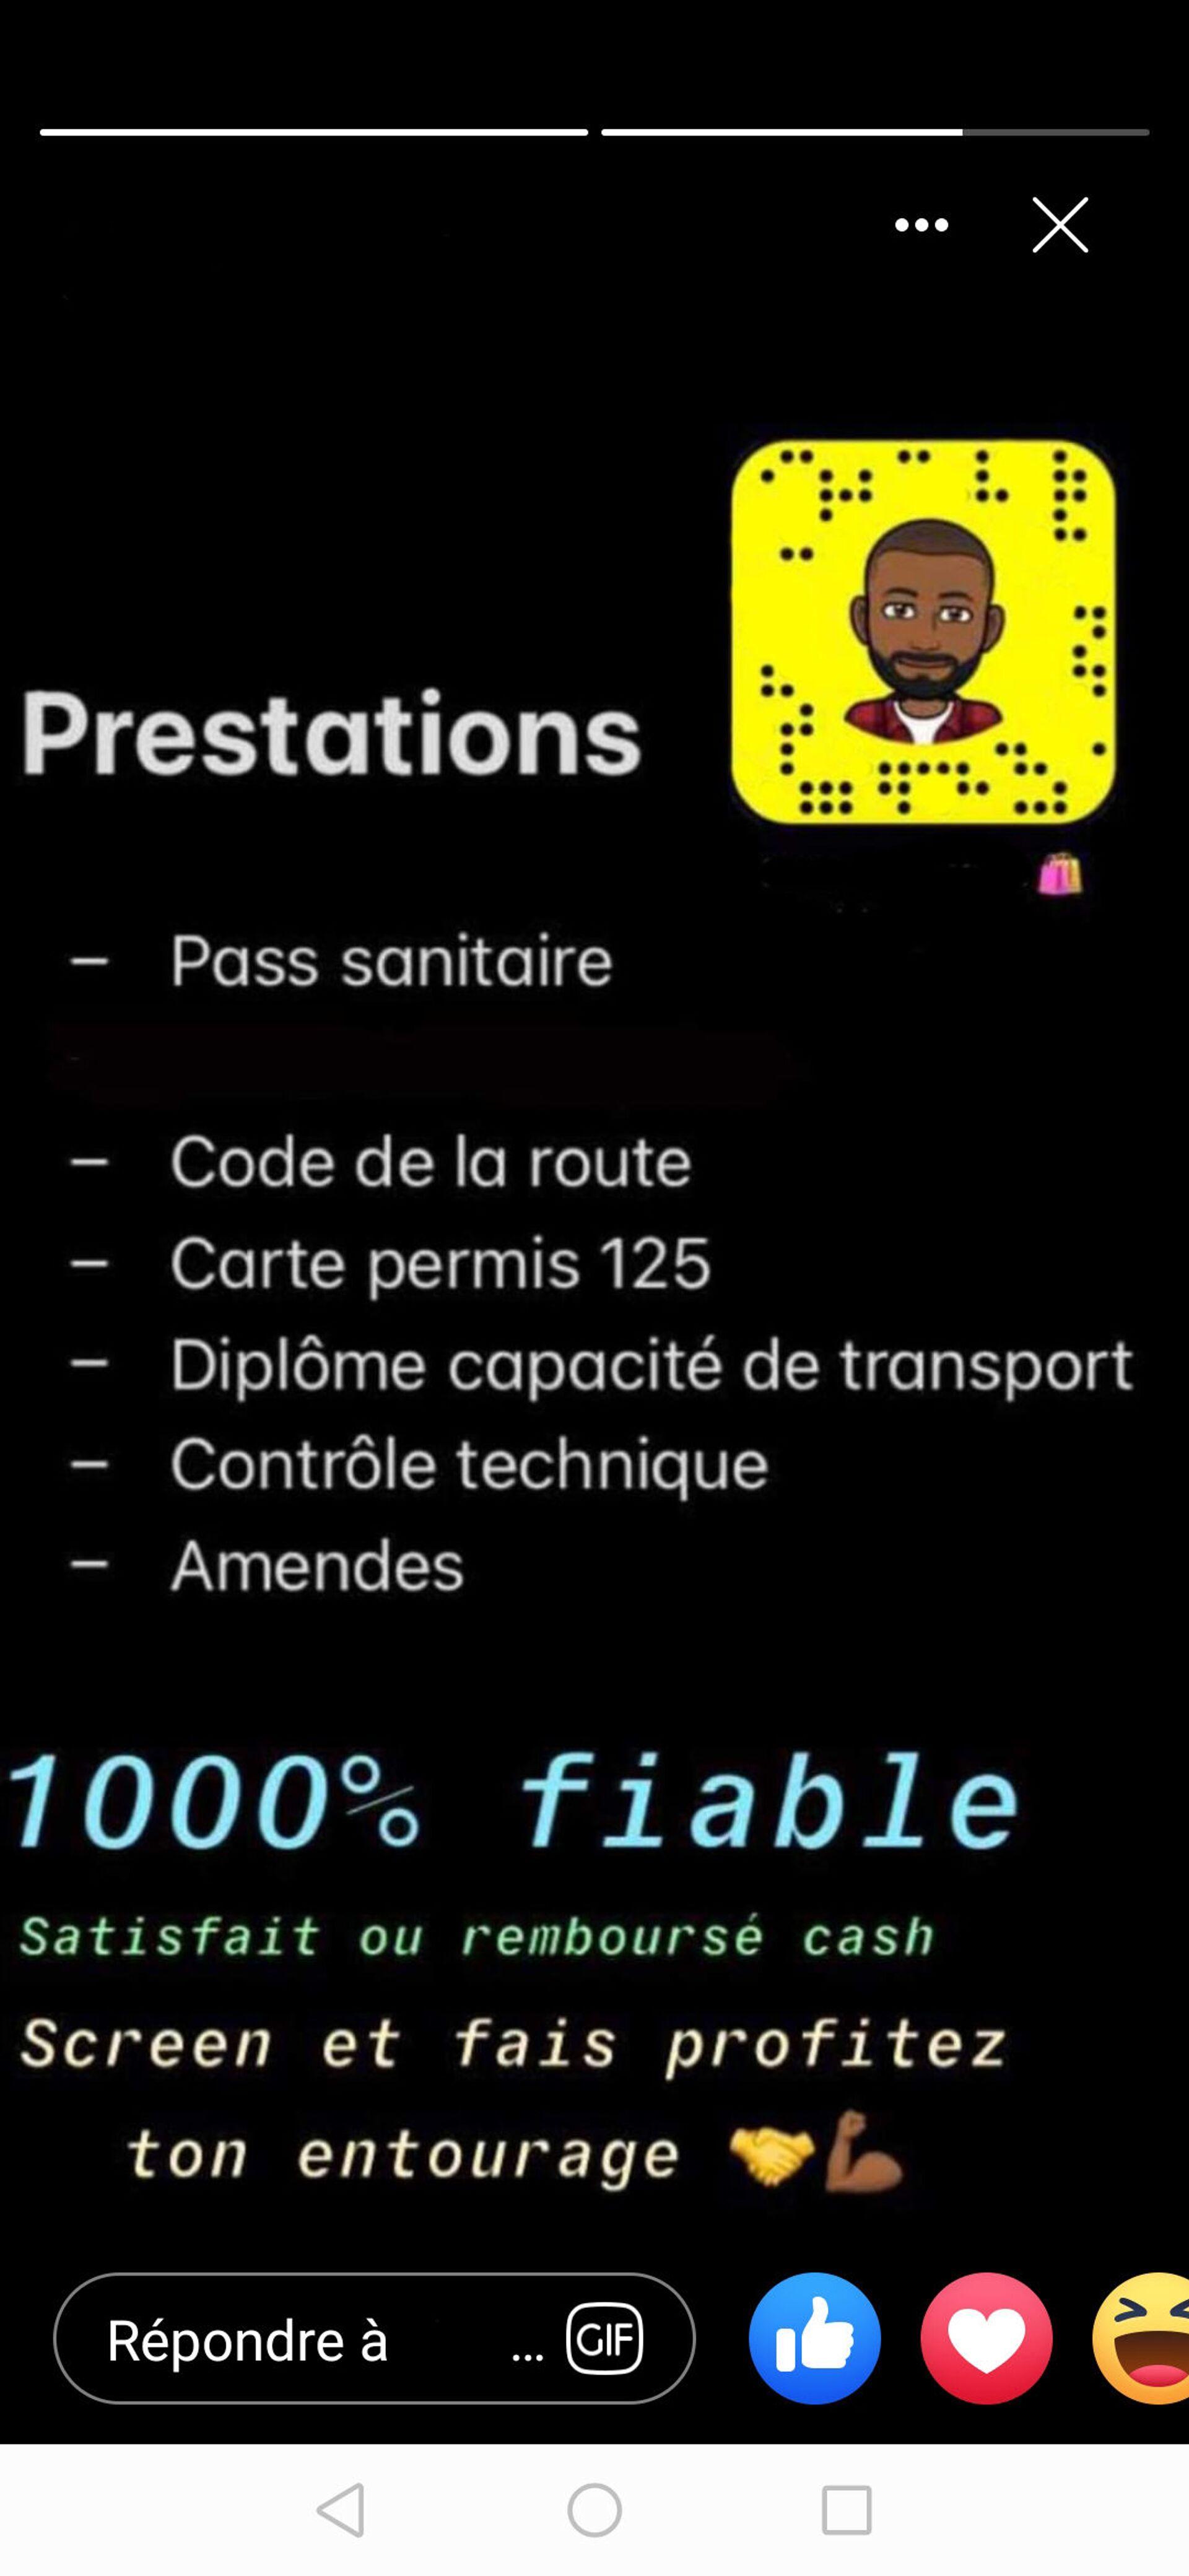 Capture d'écran Instagram - vente pass sanitaire - Sputnik France, 1920, 21.09.2021